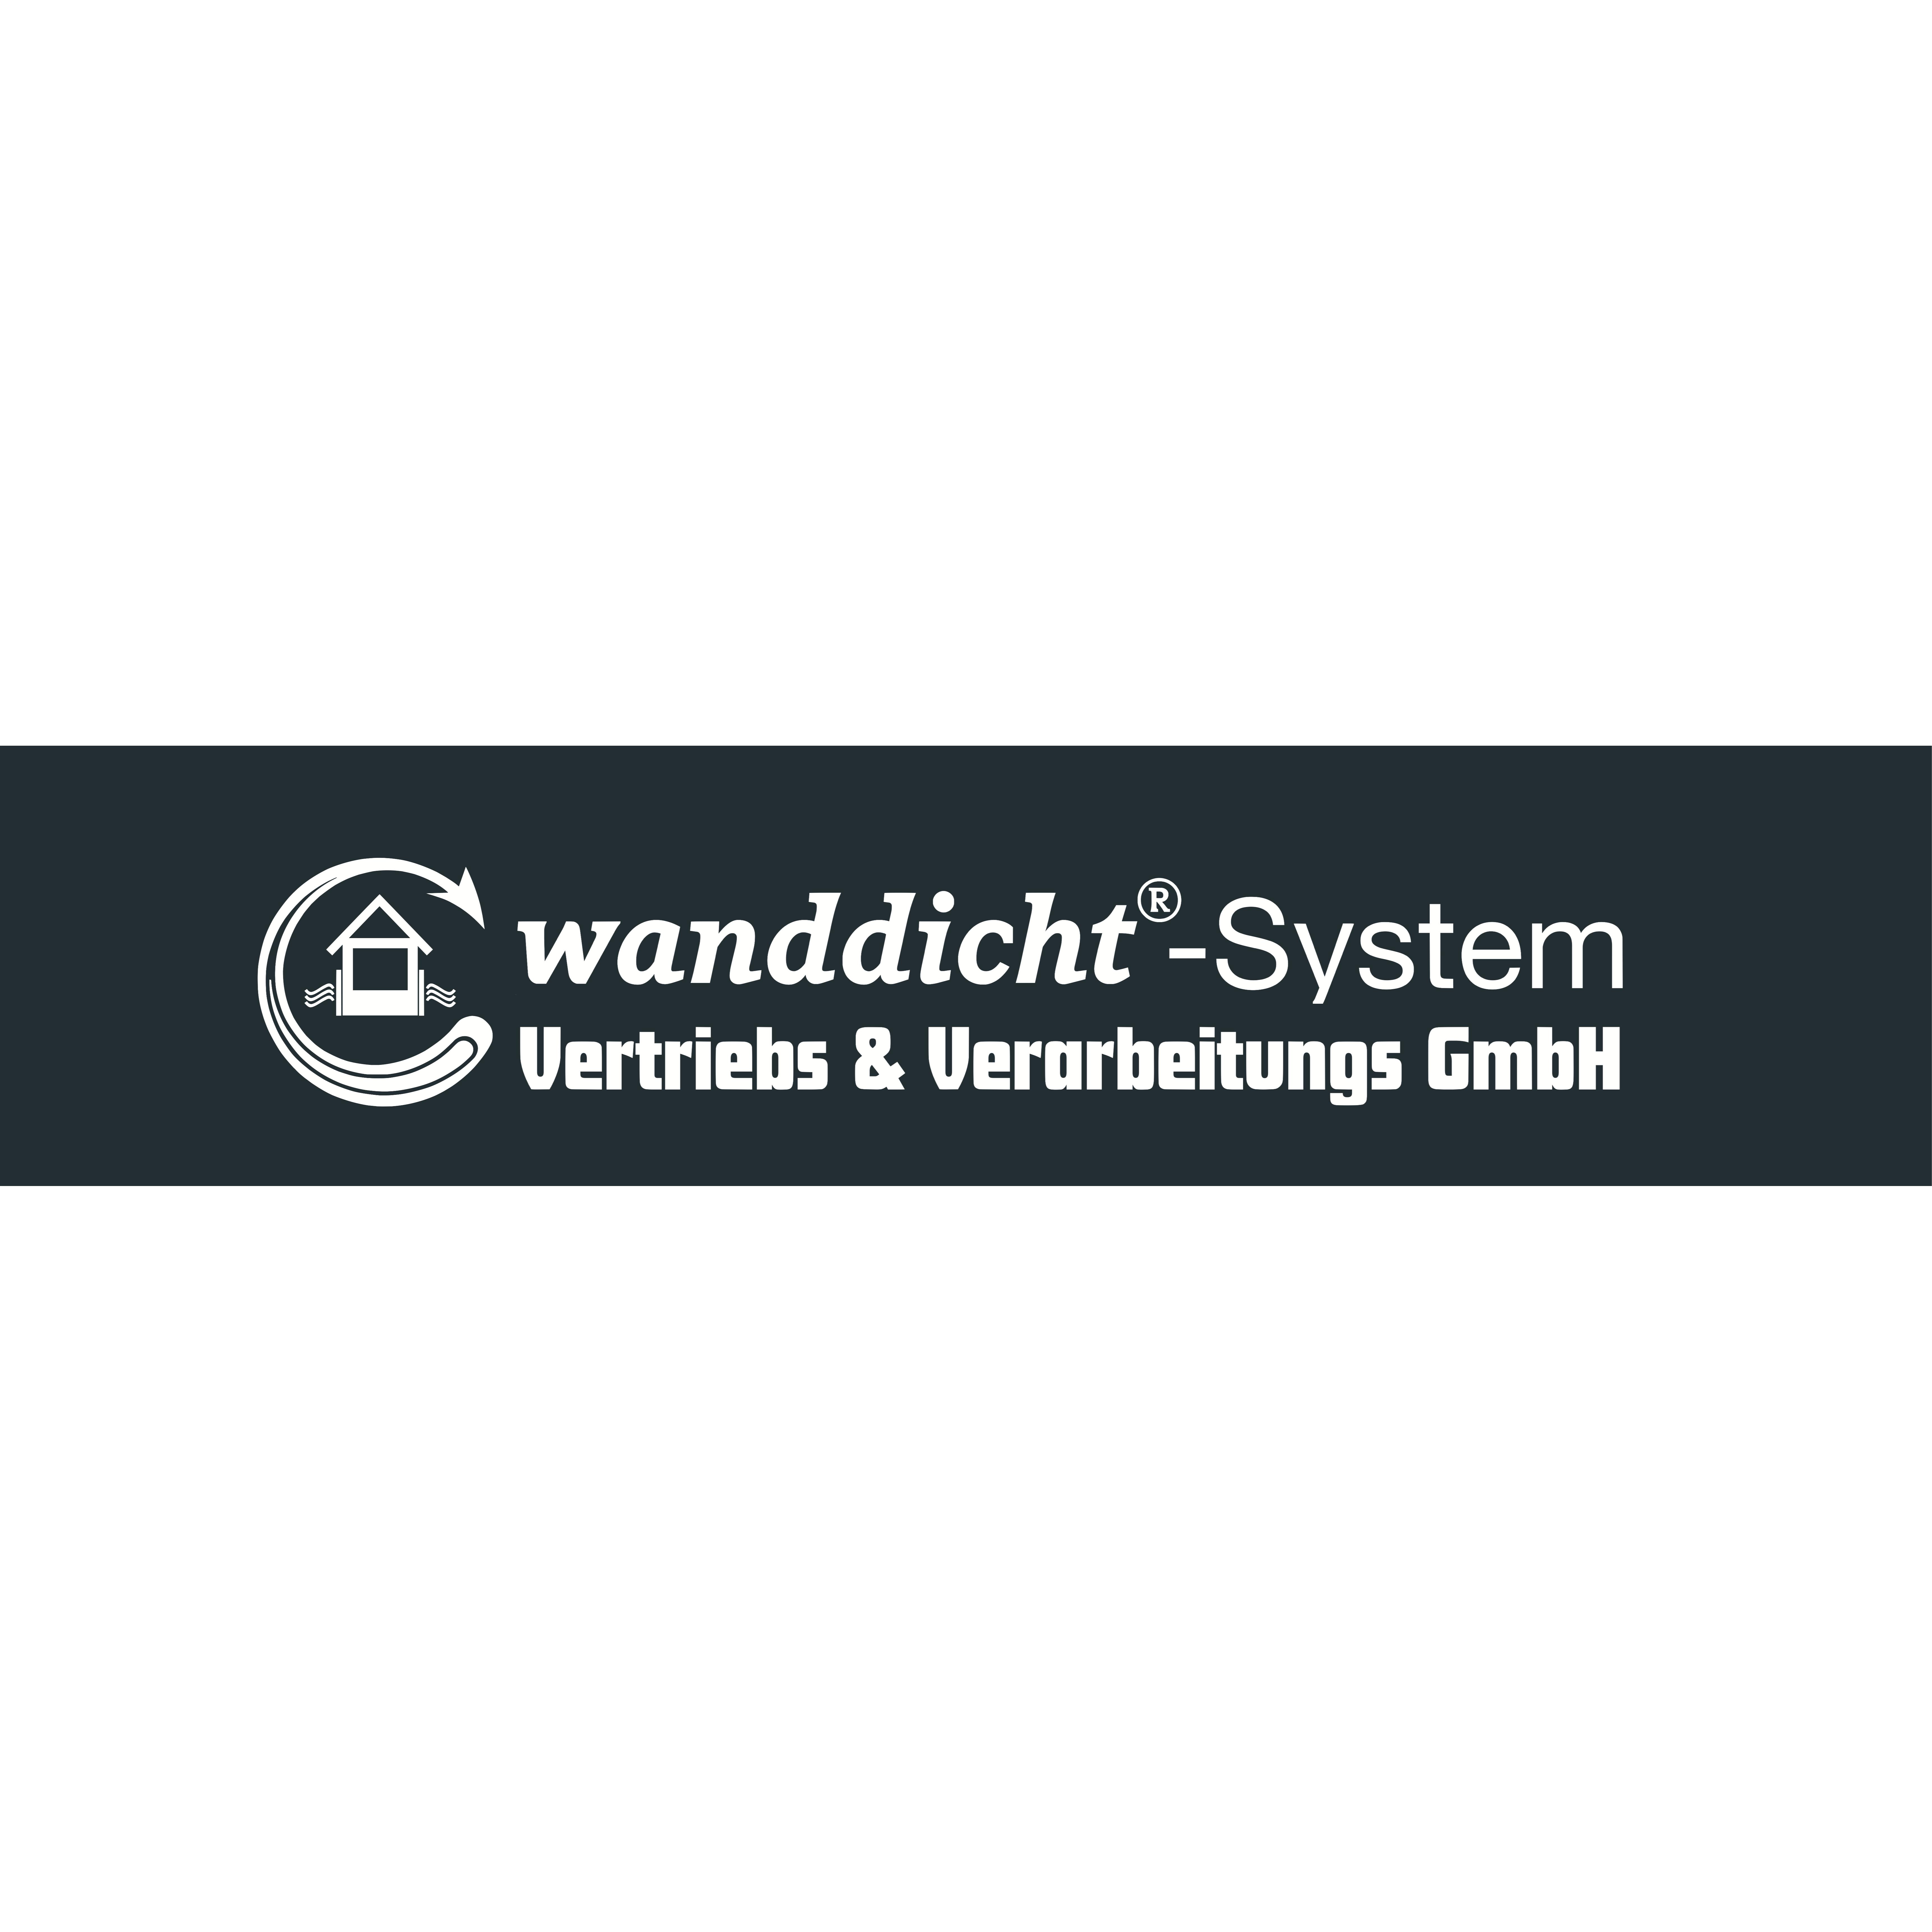 Logo von wanddicht®-System Vertriebs & Verarbeitungs GmbH - Grüne Wanne® Berlin